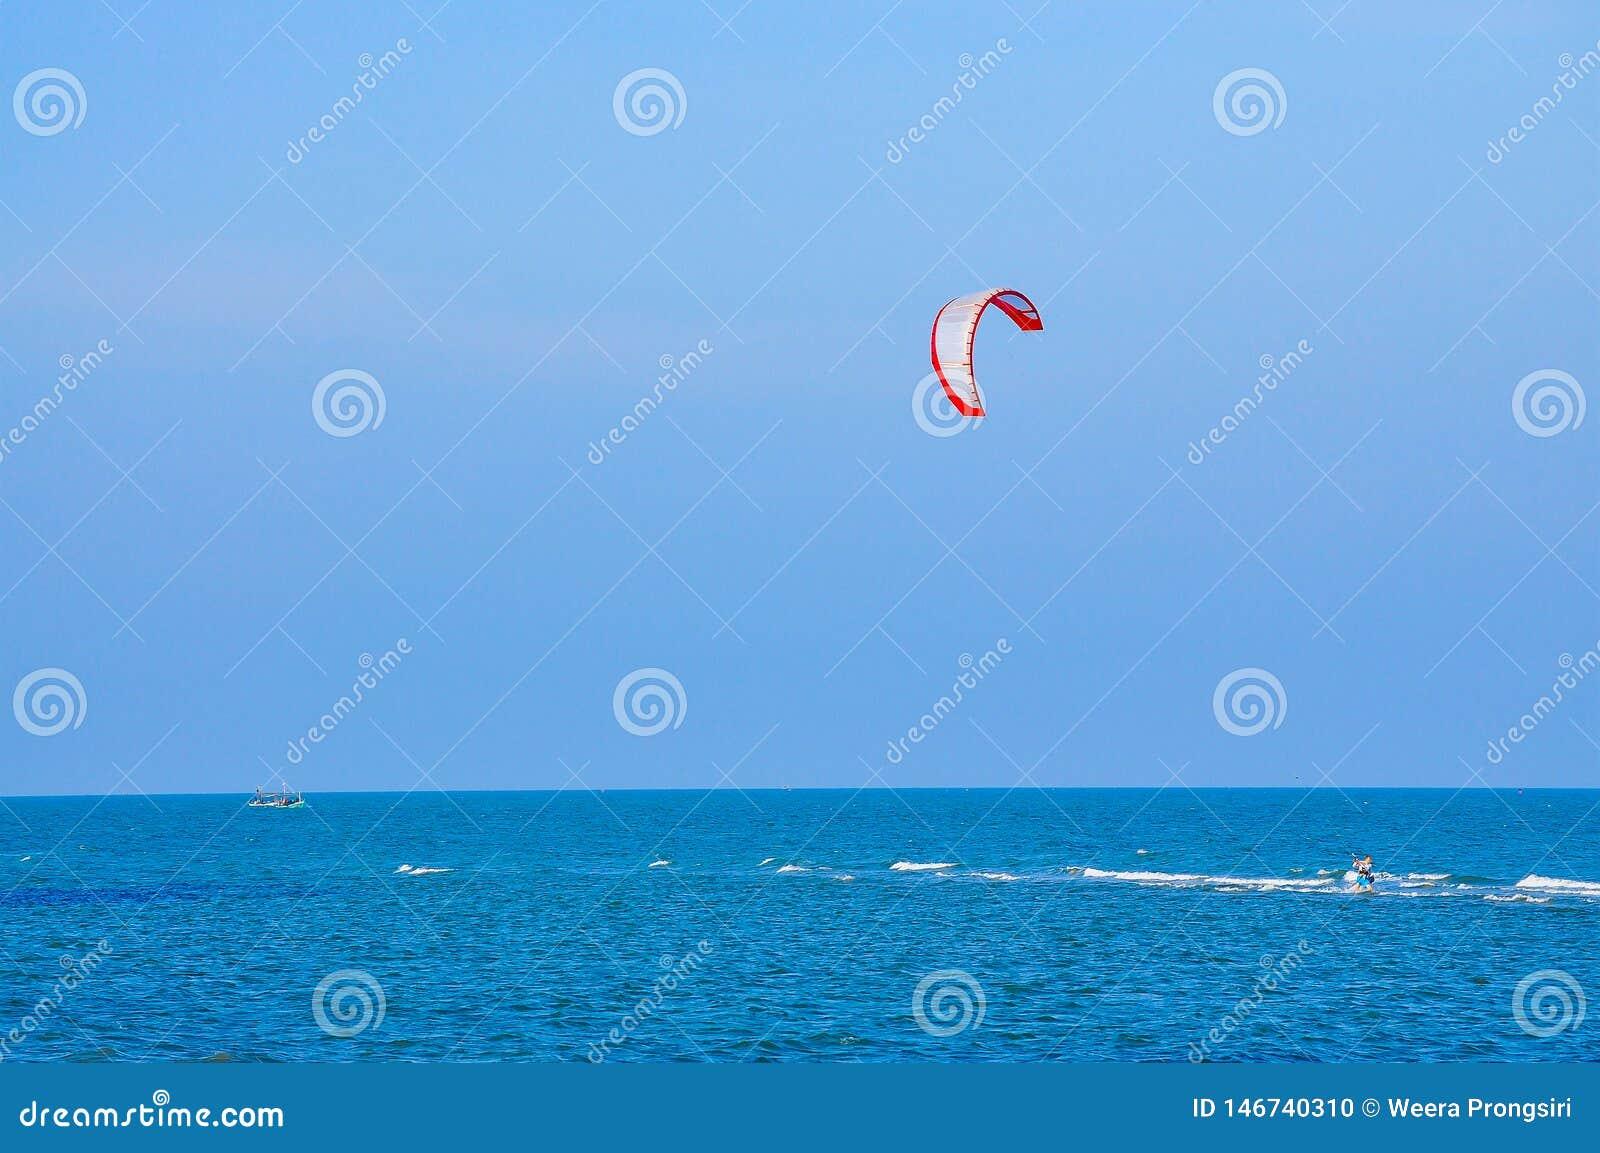 Ballong f?r varm luft, nautisk skyttel, segelb?t, segling, sport